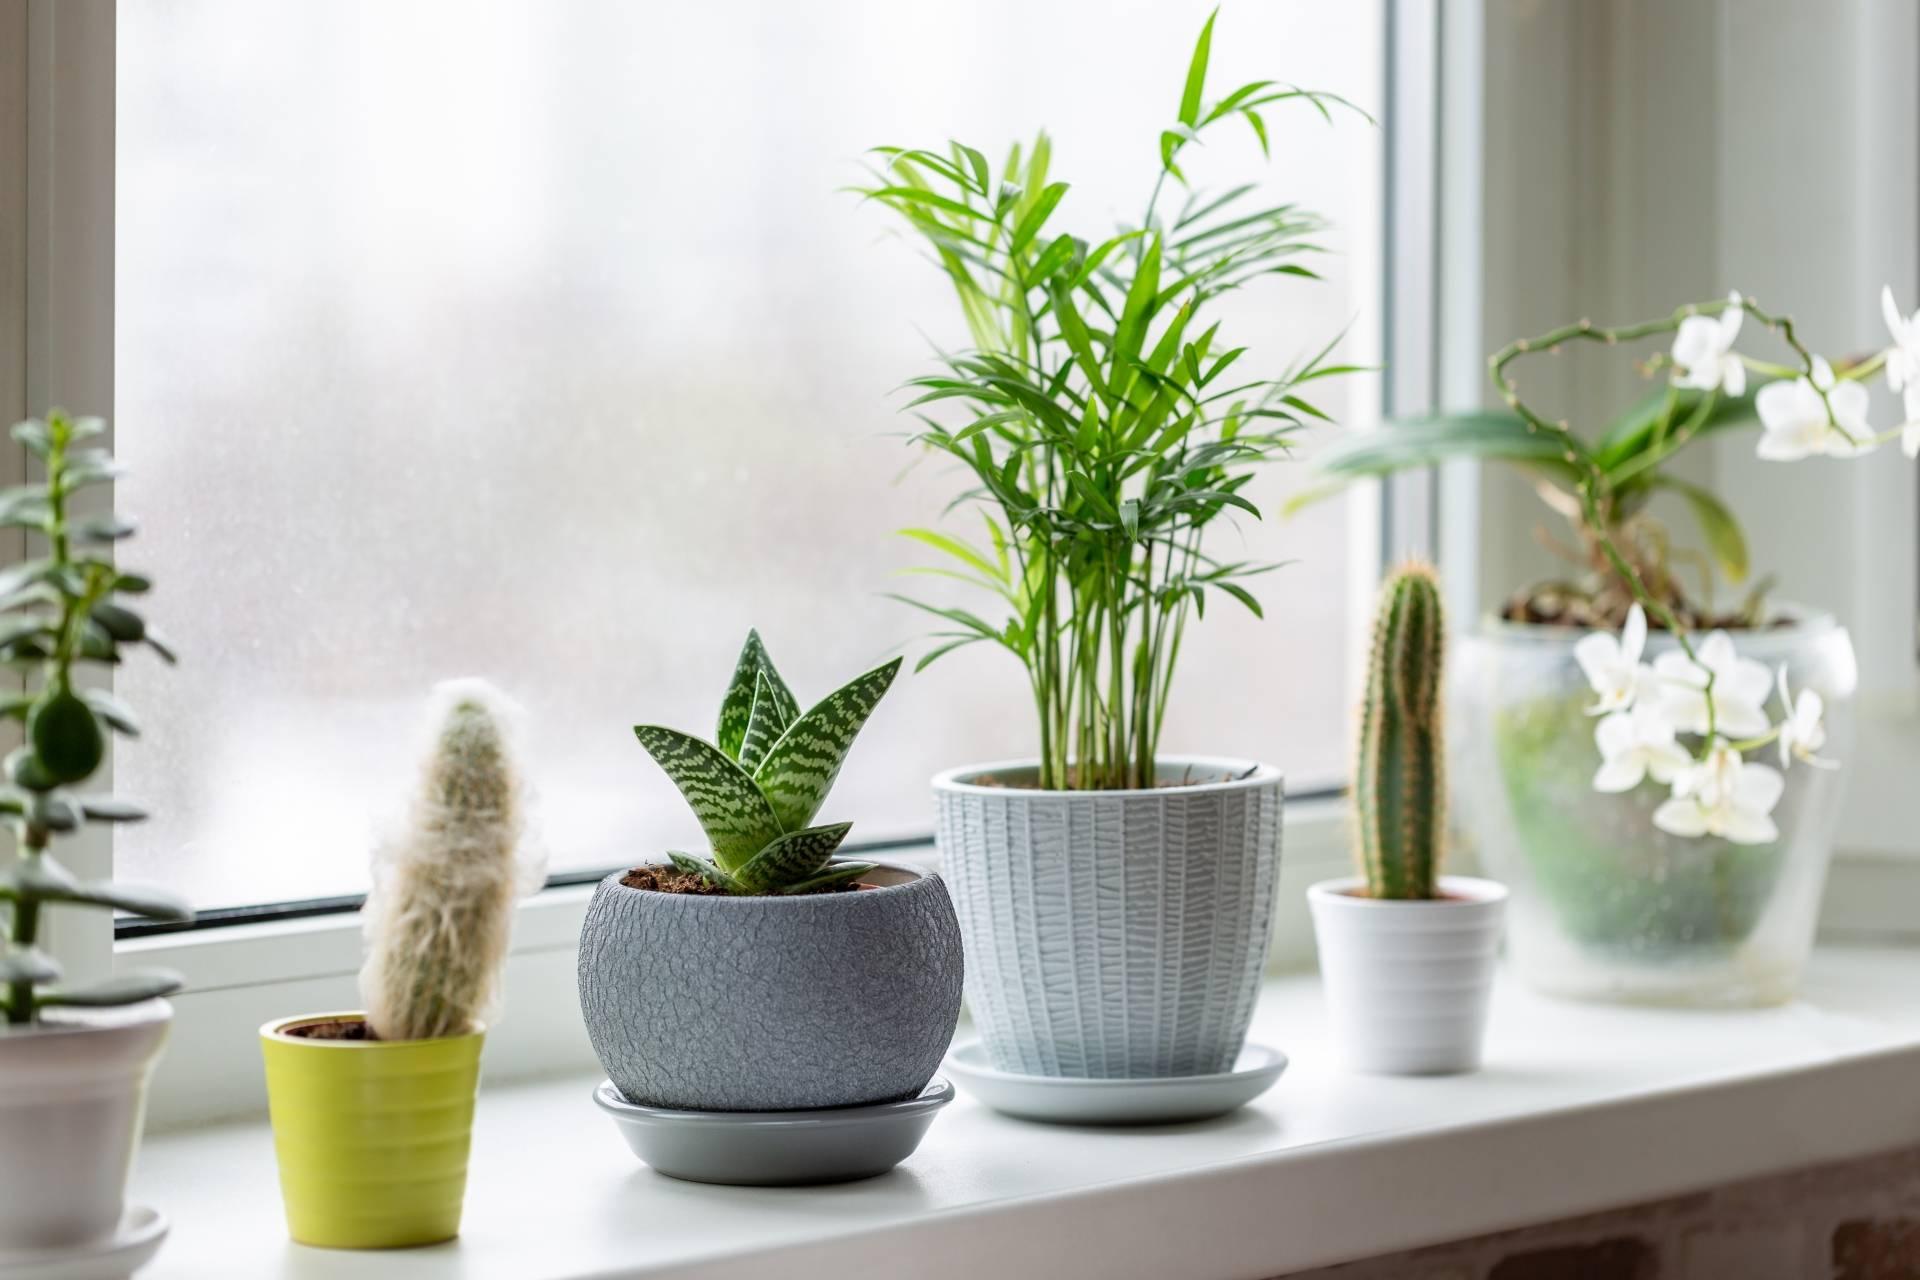 Jak pielęgnować kwiaty domowe zimą? Rośliny doniczkowe stoją na parapecie, za oknem zimowy krajobraz.